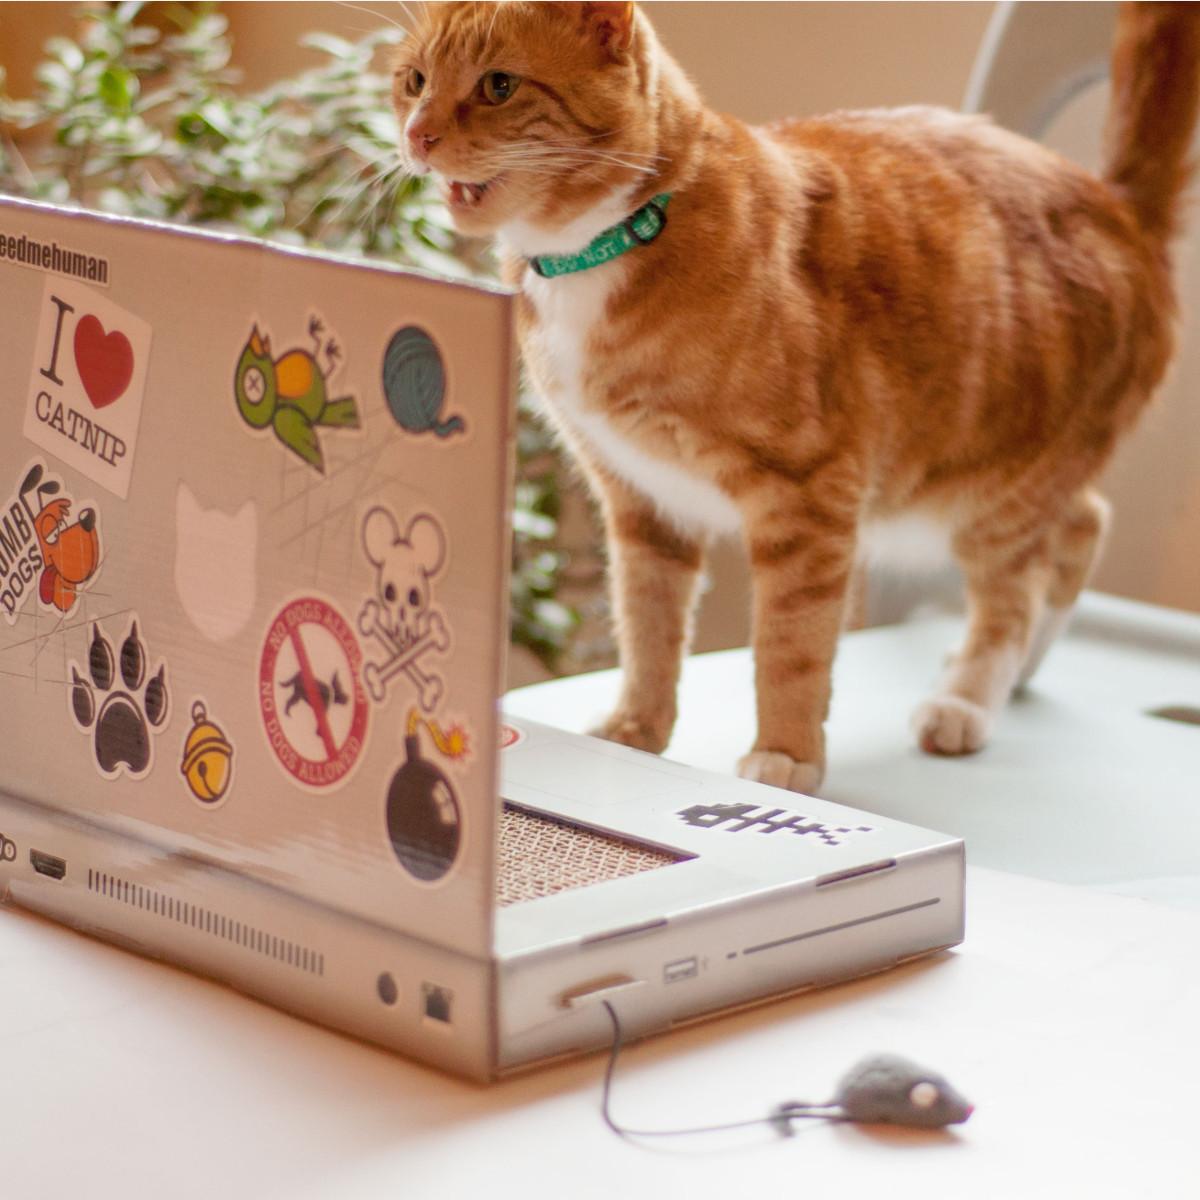 Cattop – Laptop-Kratzbaum für die Katz